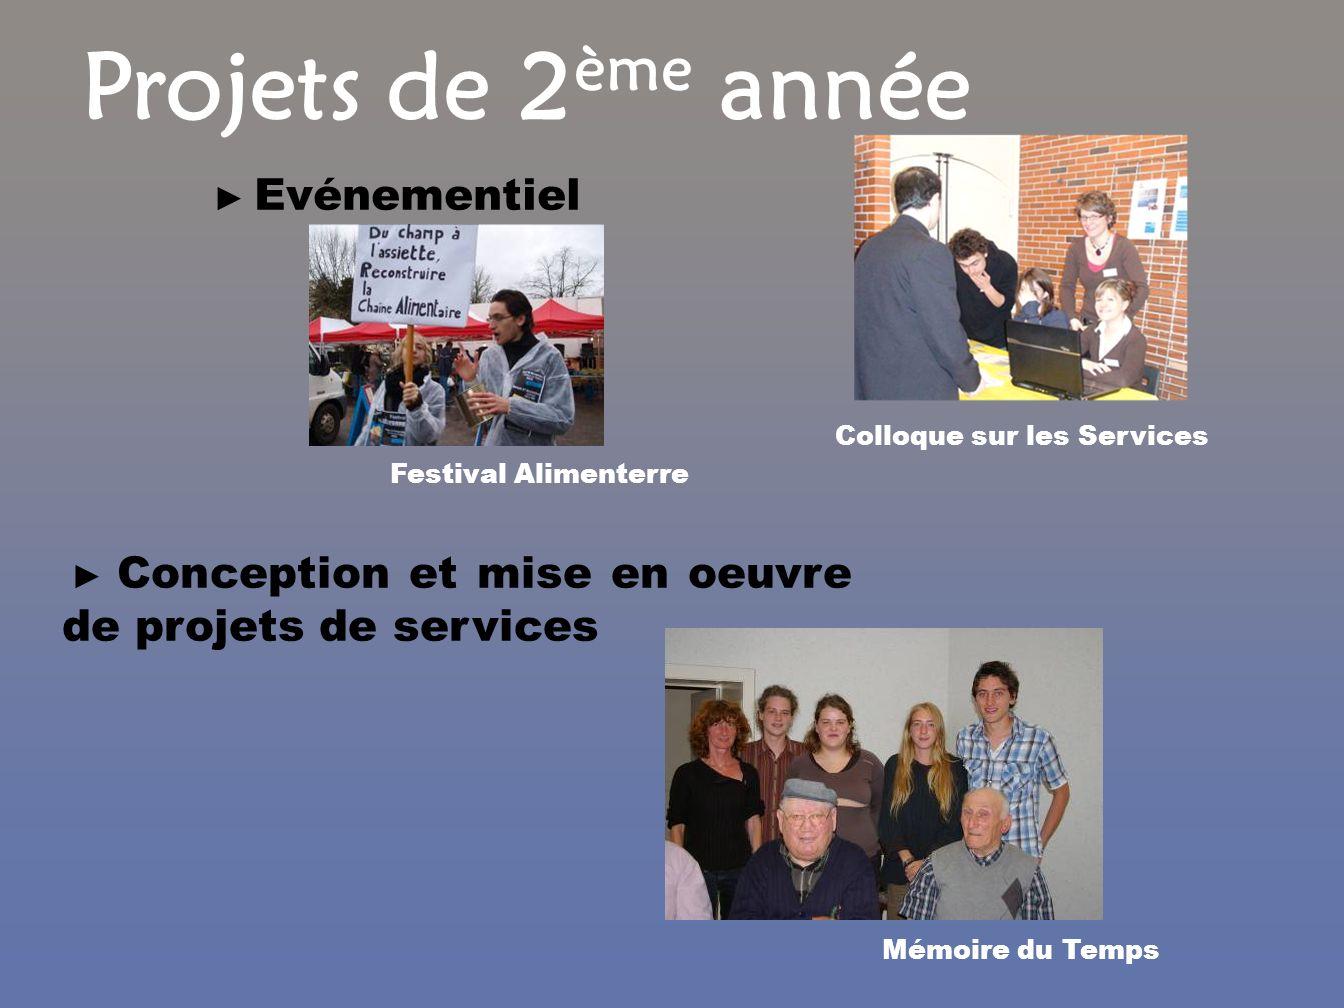 Colloque sur les Services Evénementiel Conception et mise en oeuvre de projets de services Festival Alimenterre Mémoire du Temps Projets de 2 ème anné